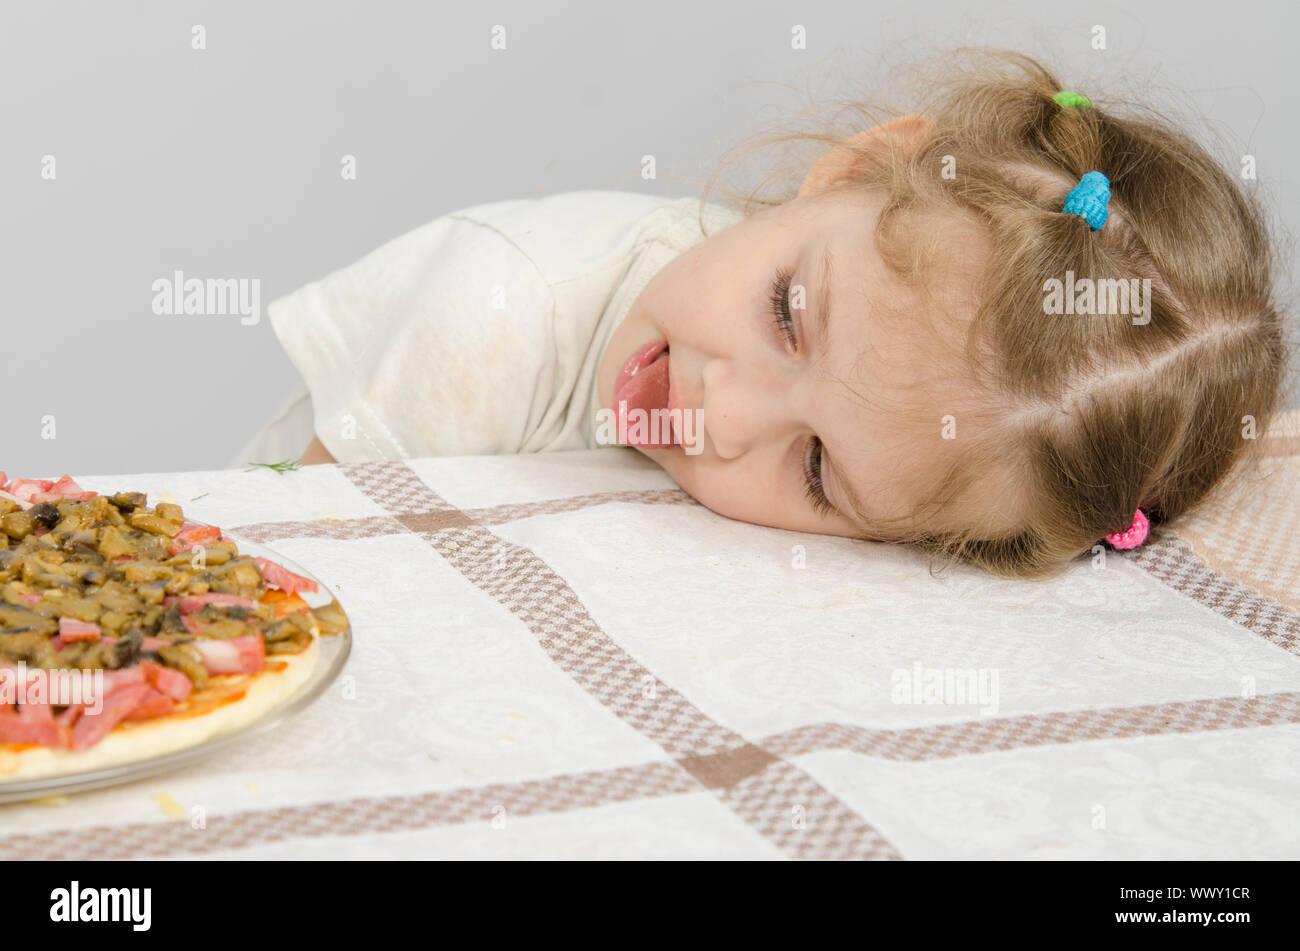 Niña con lengua protuberante descansaba su cabeza sobre la mesa y mira la pizza Foto de stock